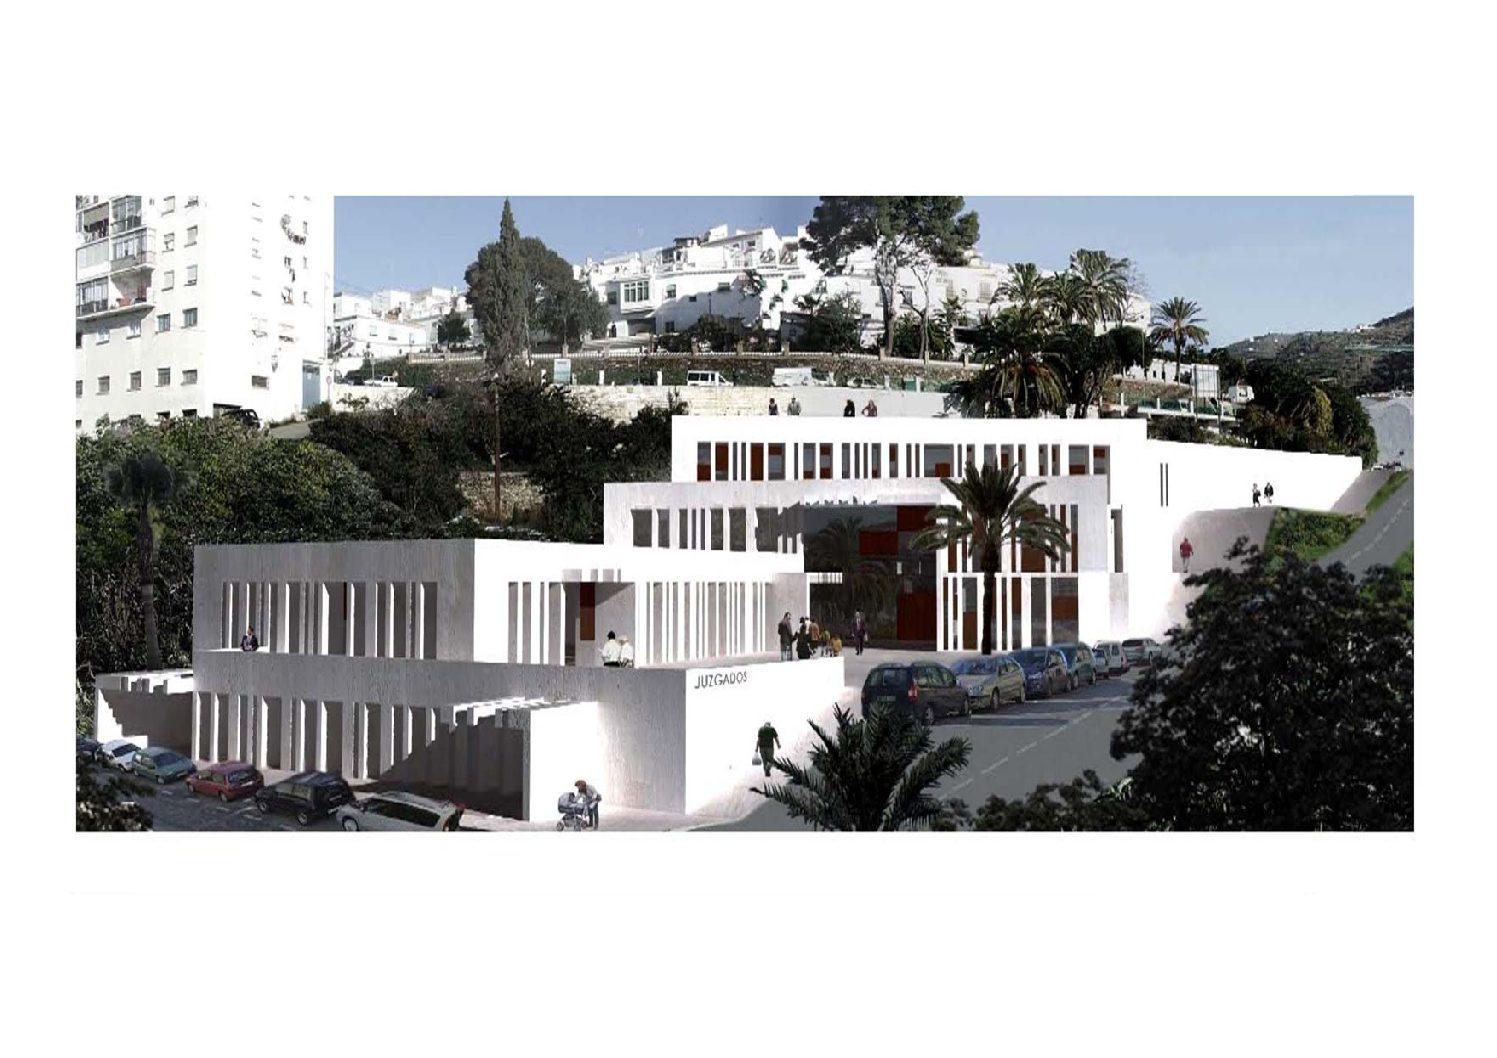 Anteproyecto de Edificio Judicial en Torrox. Málaga. 2007.